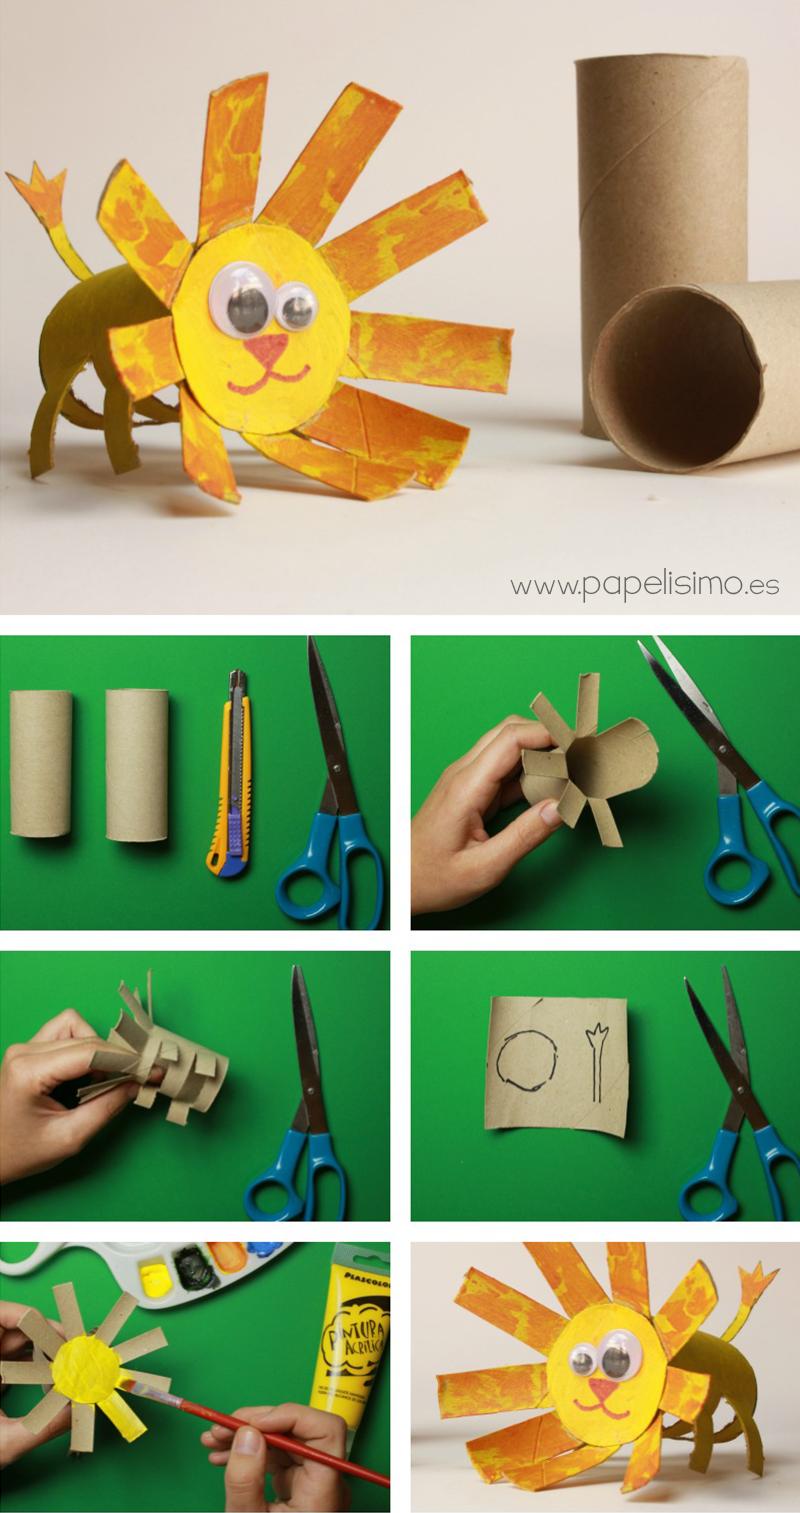 animales le n manualidades con rollos de papel higi nico On animales con rollos de papel higienico